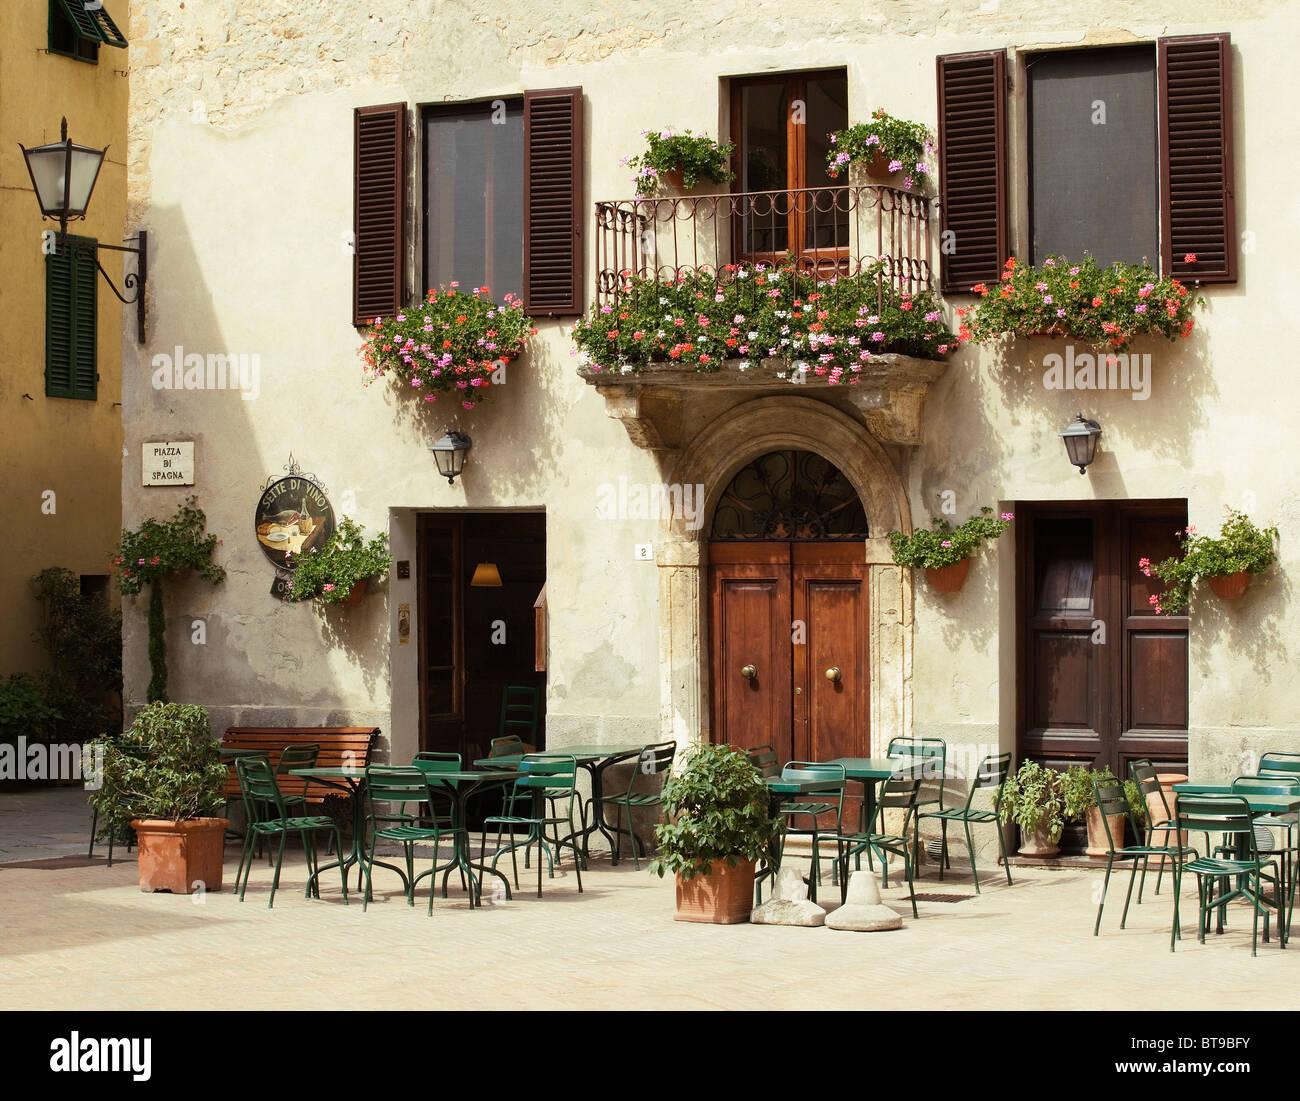 Pienza, mostrando café / restaurante exterior con balcón - Toscana, Italia Imagen De Stock